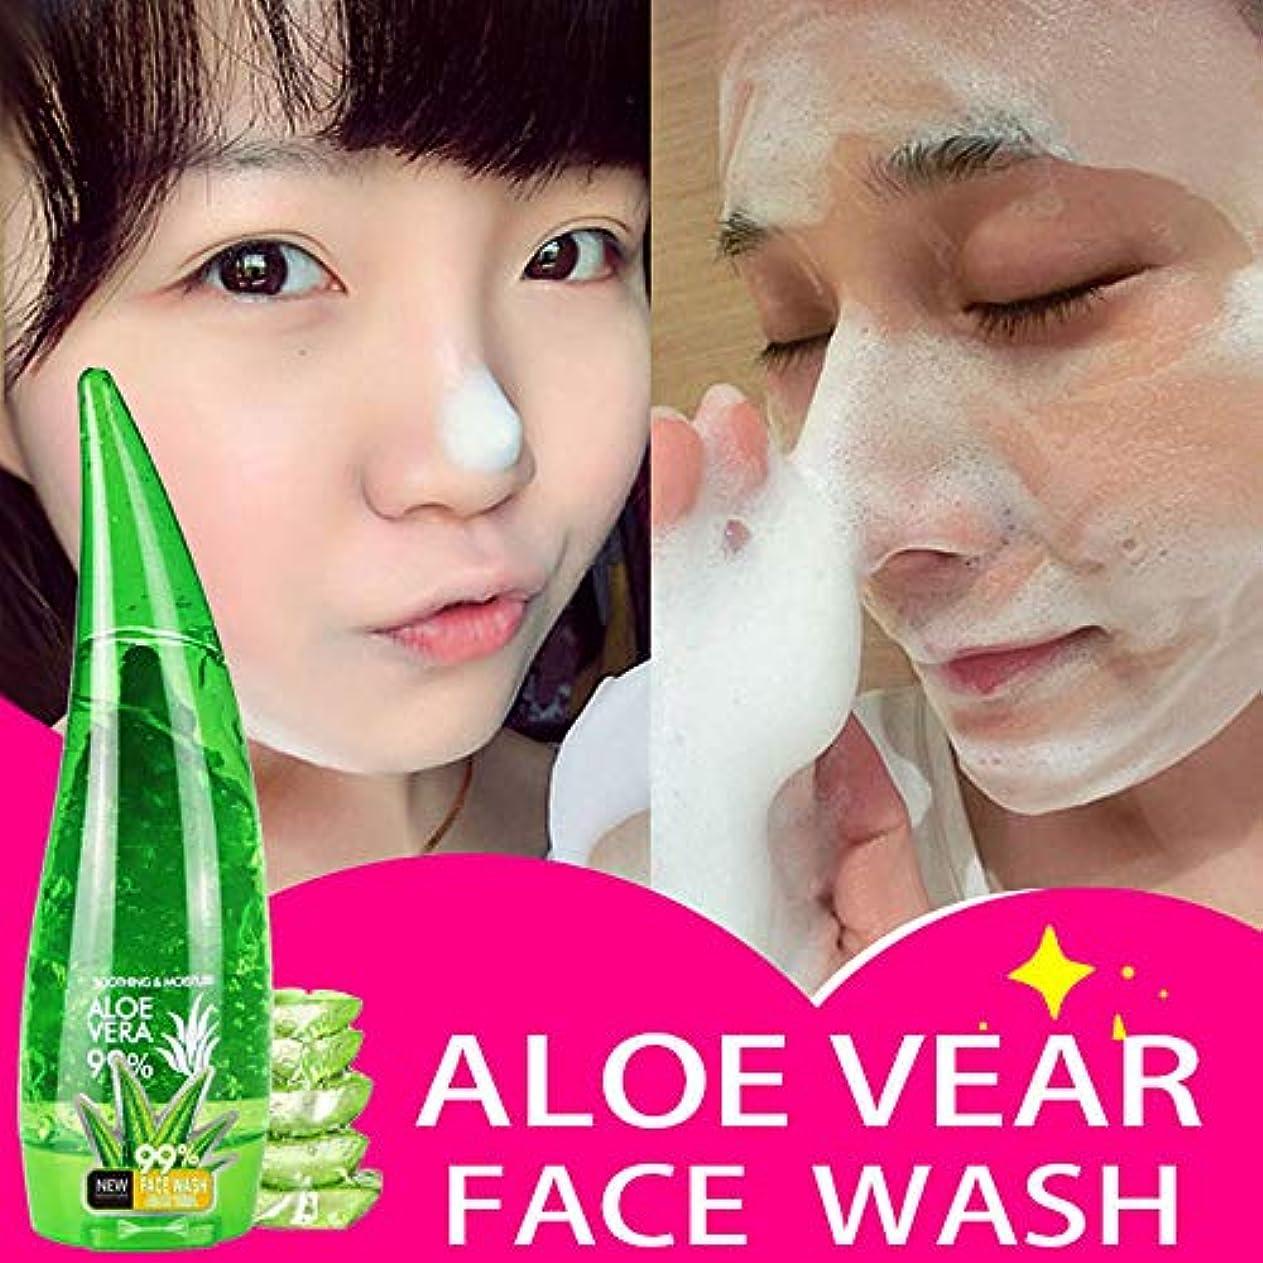 登る雄弁家落花生Akane Pretty Cowry 顔洗い 綺麗に 素敵 水分補給 保湿 角質除去 クレンジング 浄化 オイルコントロール ジェル 使いやすい 洗顔料 アロエクリーム